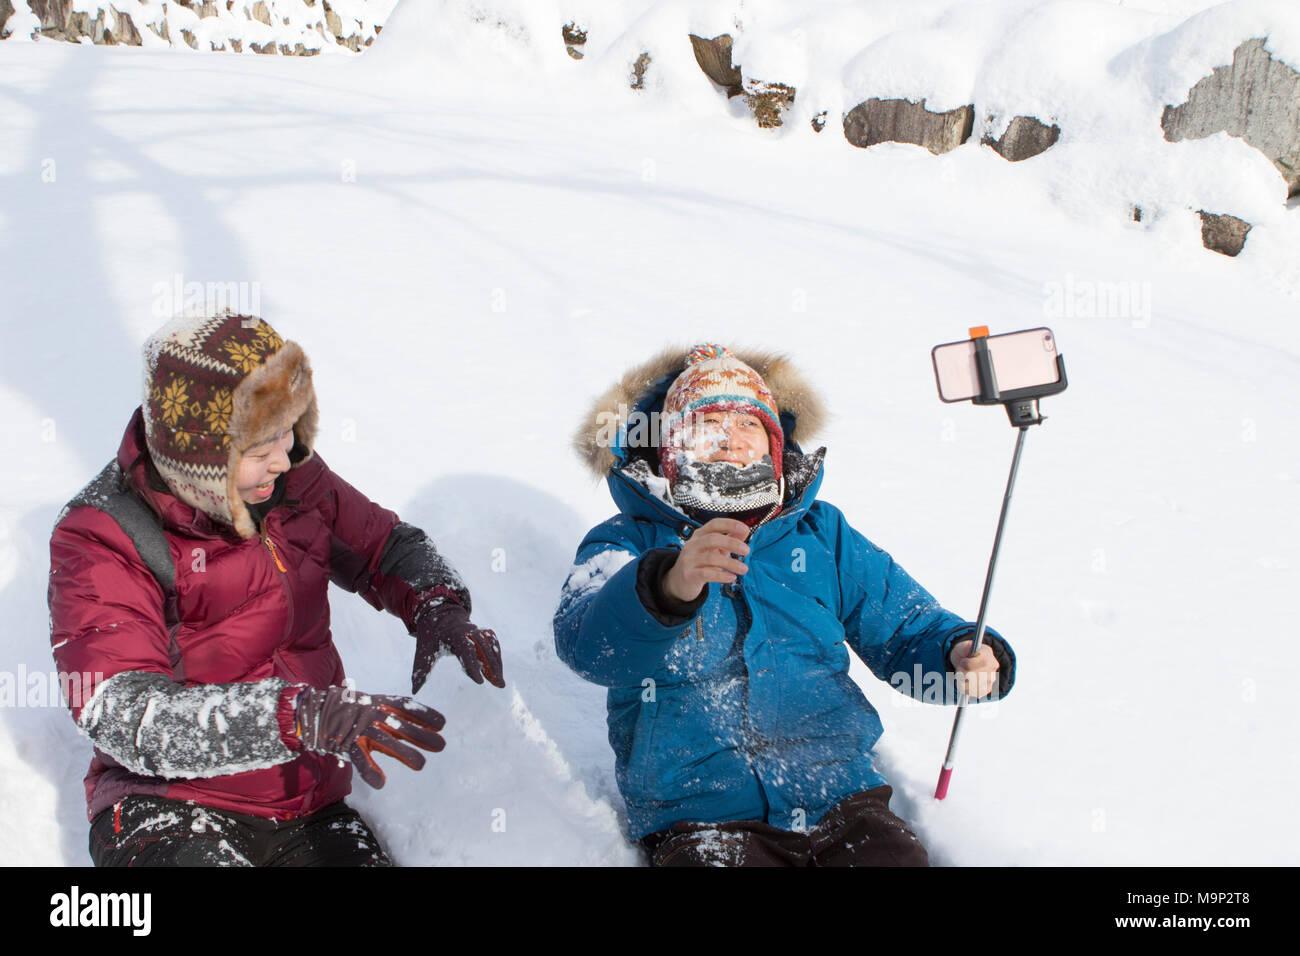 Un jeune couple est dans la neige dans le Parc National de Seoraksan, Gangwon-do, Corée du Sud. La jeune fille jeta juste une boule de neige en face de son petit ami, qui est de filmer avec un téléphone intelligent sur un stick selfies. Seoraksan est une belle et célèbre parc national dans les montagnes près de Cavaillon dans la région du Gangwon-do en Corée du Sud. Le nom fait référence à Snowy Mountains Crags. Situé dans le paysage sont deux temples Bouddhistes: Sinheung-sa et Beakdam-sa. Cette région accueille les Jeux Olympiques d'hiver en février 2018. Seoraksan est une belle et célèbre parc national dans les montagnes près de Cavaillon dans le Photo Stock